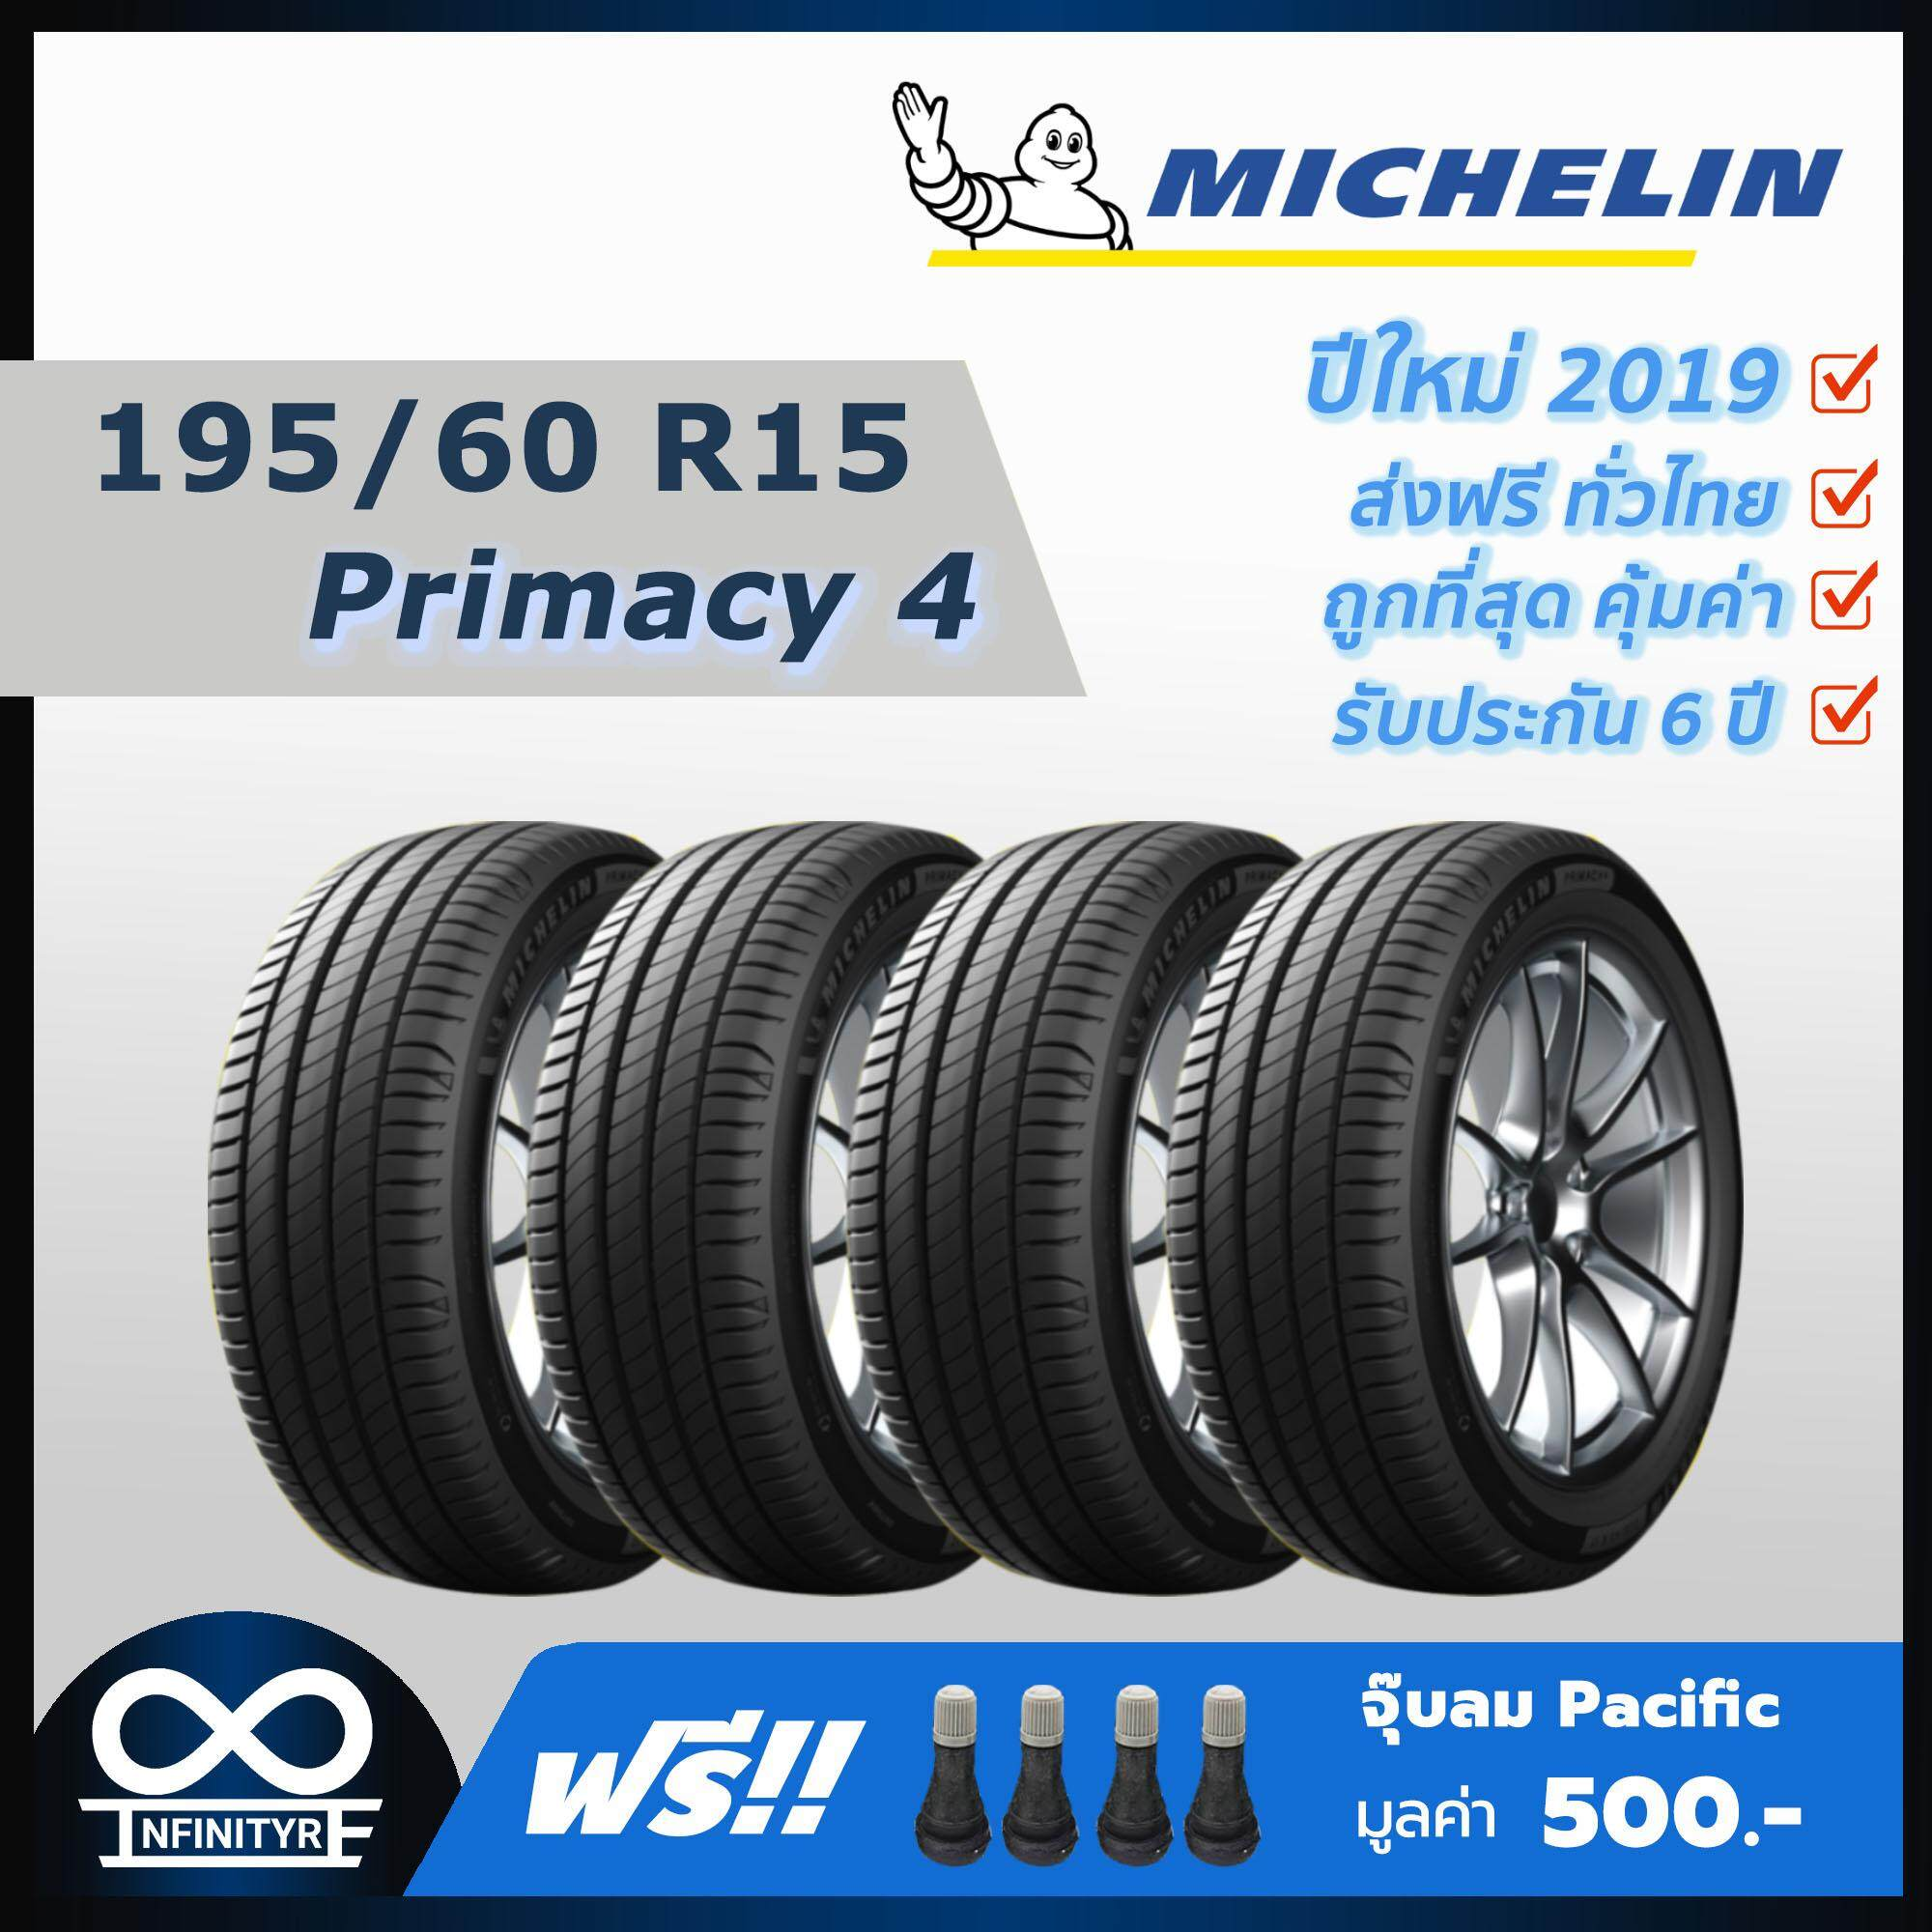 ประกันภัย รถยนต์ ชั้น 3 ราคา ถูก พระนครศรีอยุธยา 195/60R15 Michelin มิชลิน รุ่น Primacy 4 (ปี2019) 4เส้น (ฟรี! จุ๊บลมPacific เกรดพรีเมี่ยม)